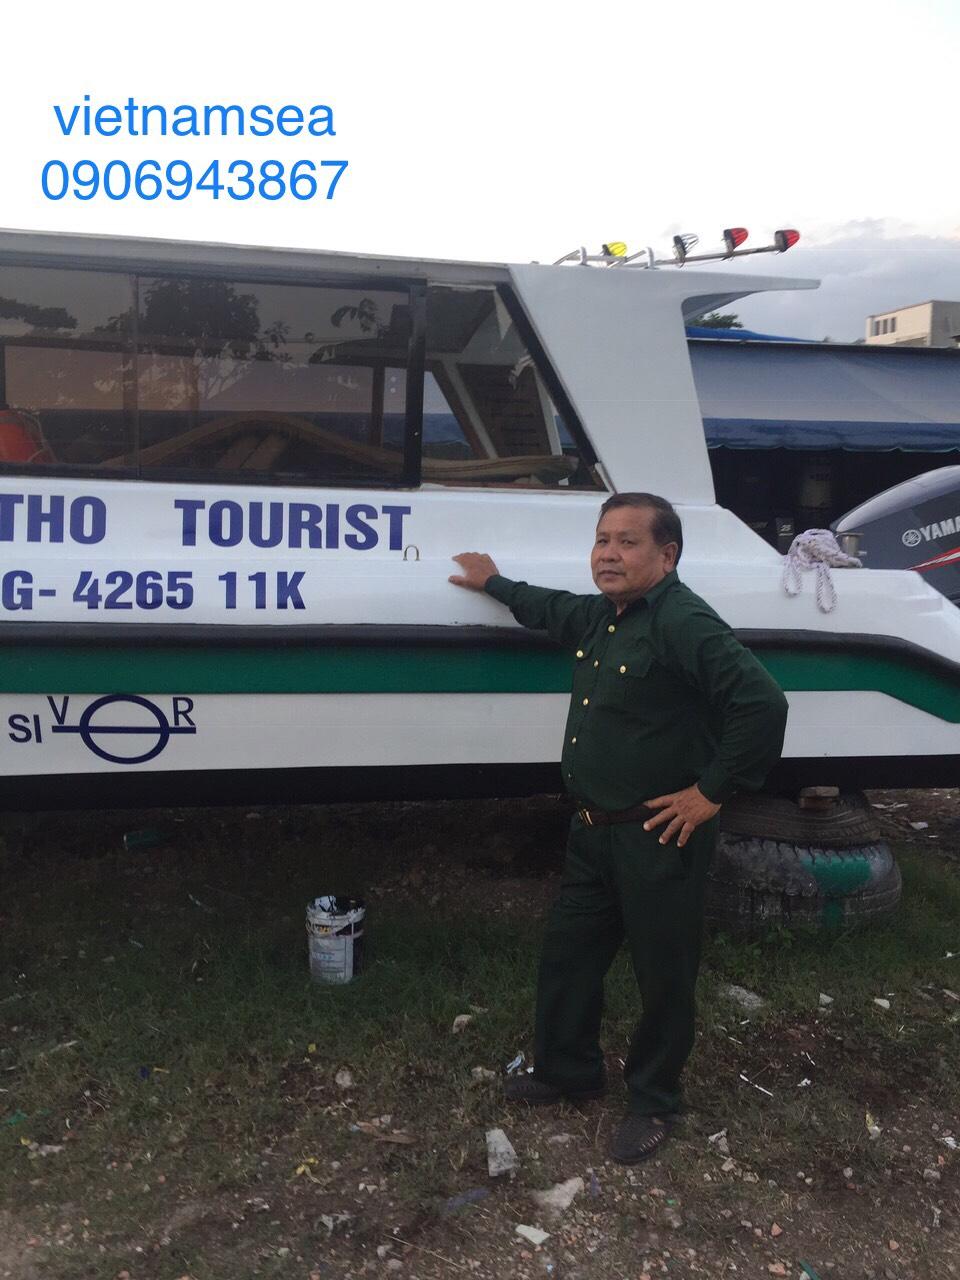 Sửa chữa cano, cano 200HP, SG-4265 cho Công Ty Cổ Phần Du Lịch Phú Thọ ở Thành Phố Hồ Chí Minh